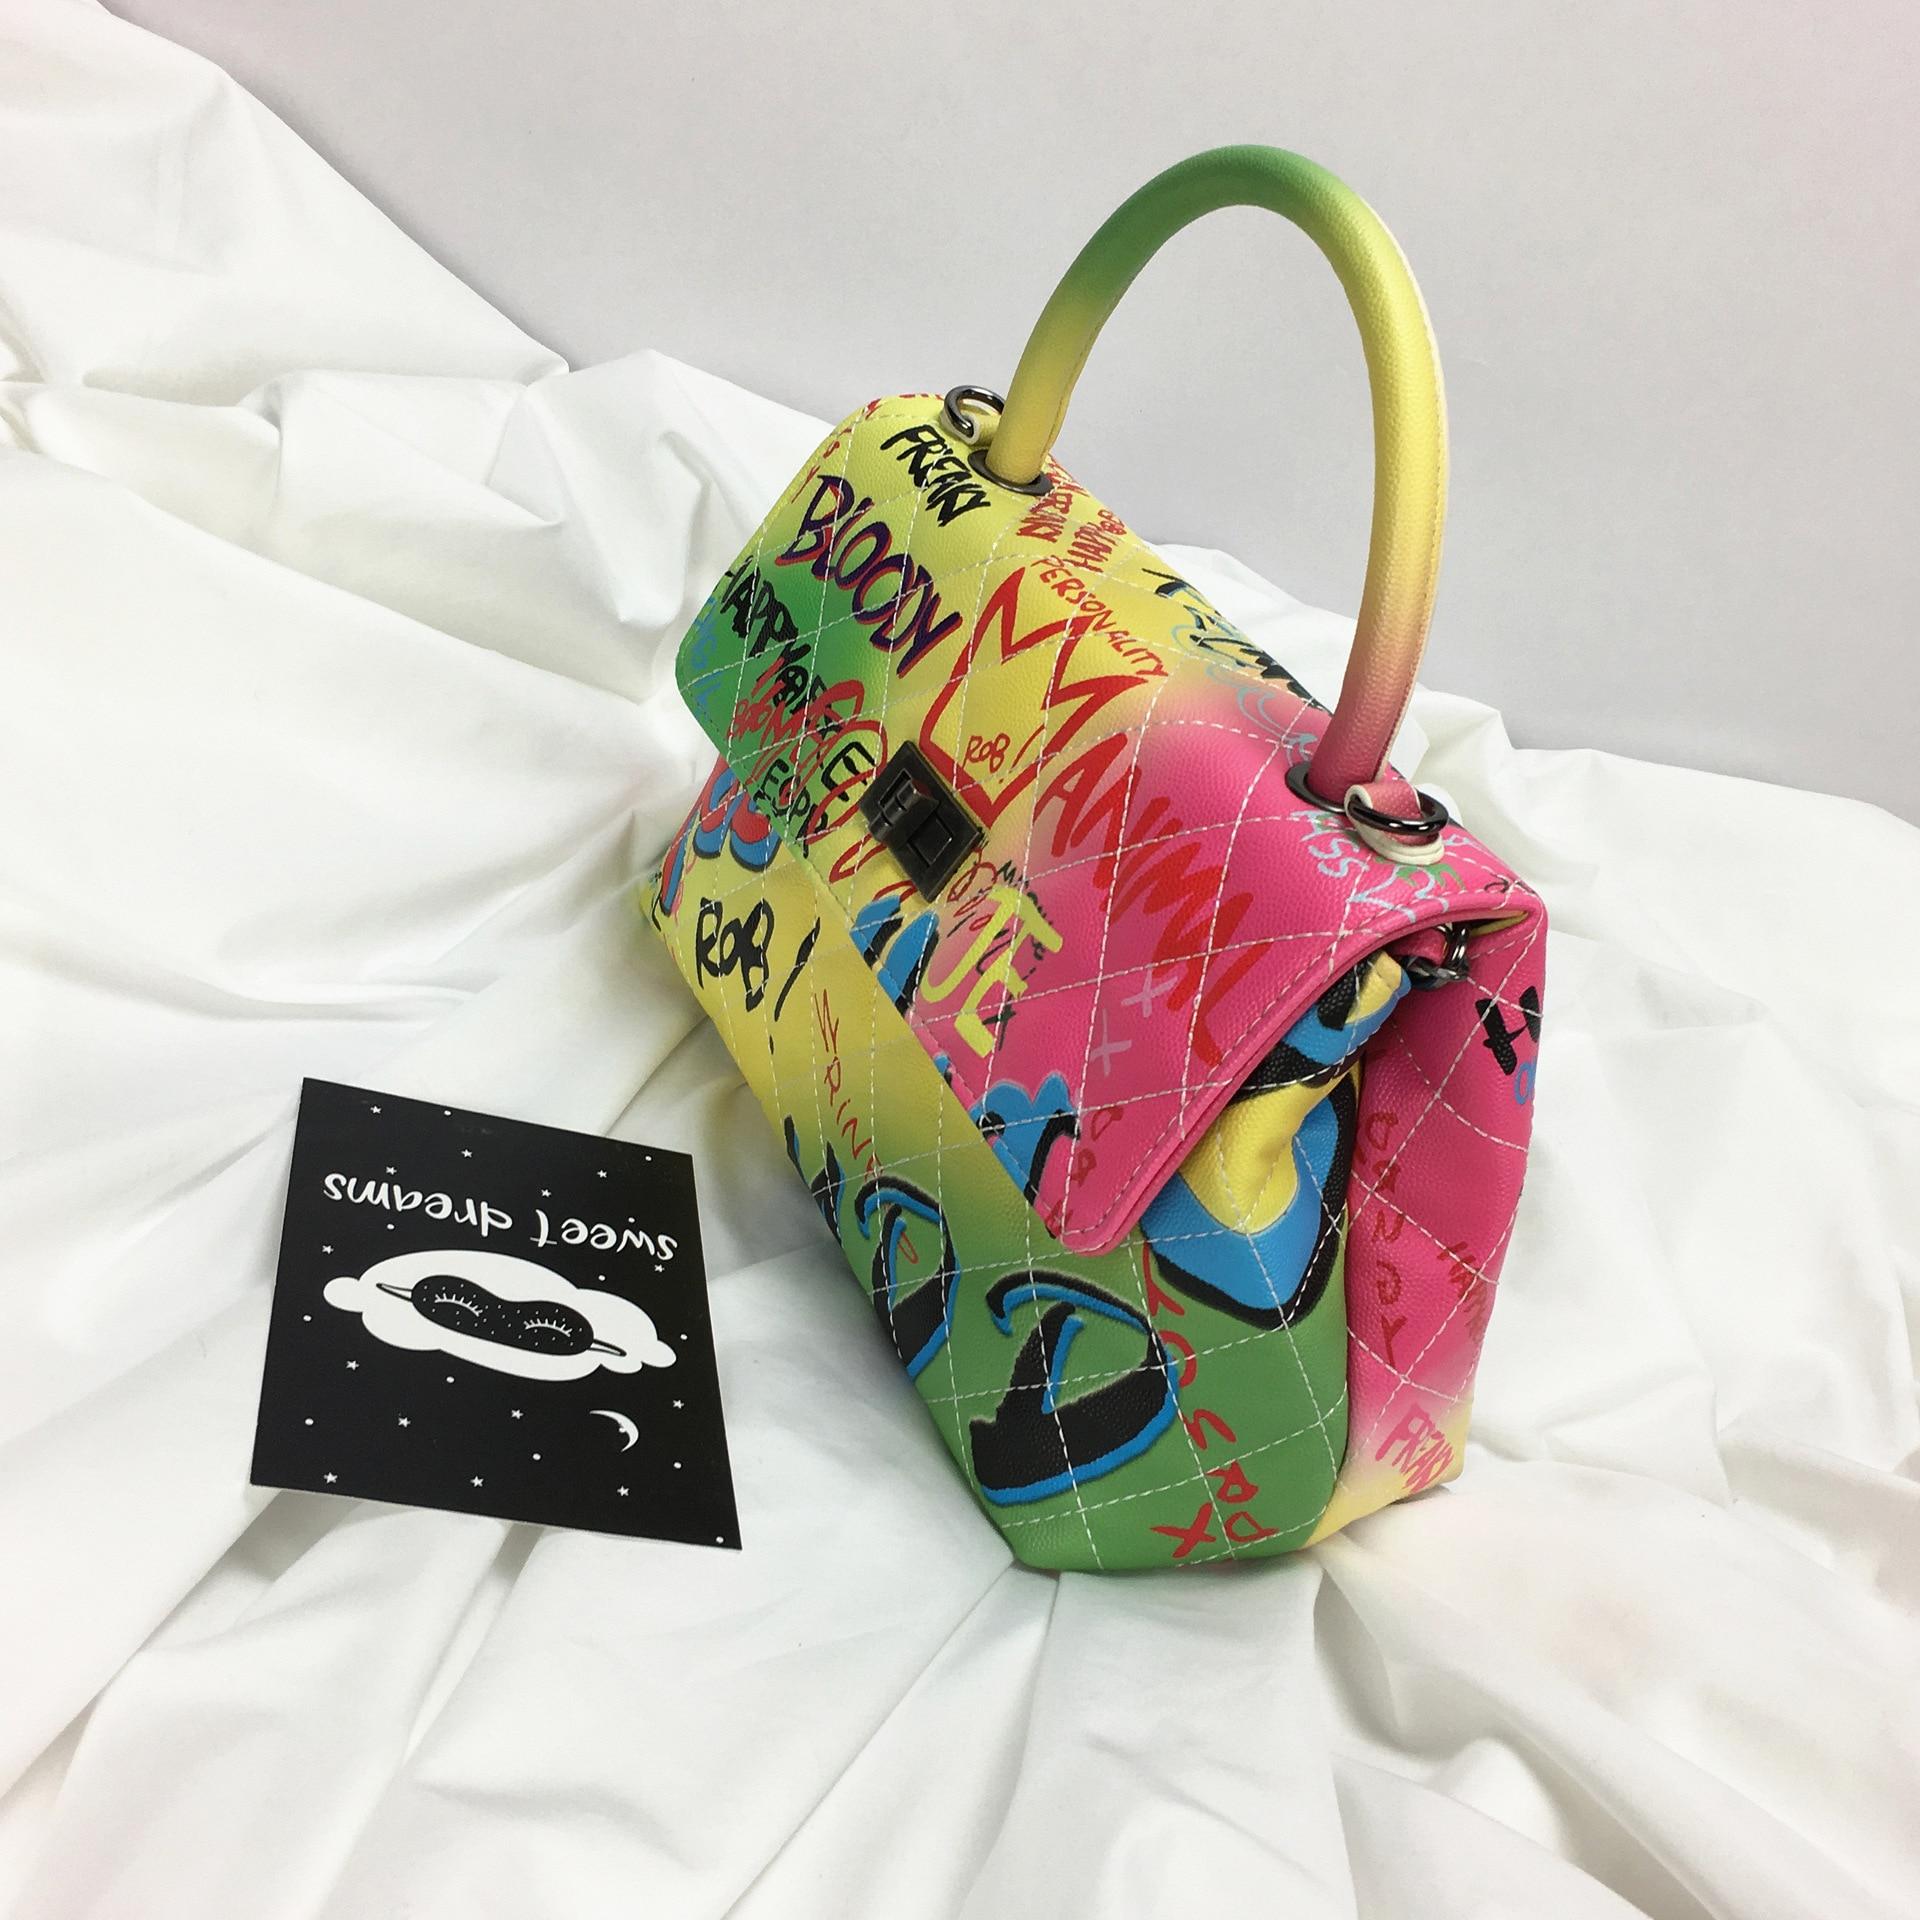 Sac à Main en cuir Graffiti épaule bandoulière sacs pour femmes 2019 célèbre concepteur dames Sac fourre-tout de luxe Sac Main Femme Bolso - 2